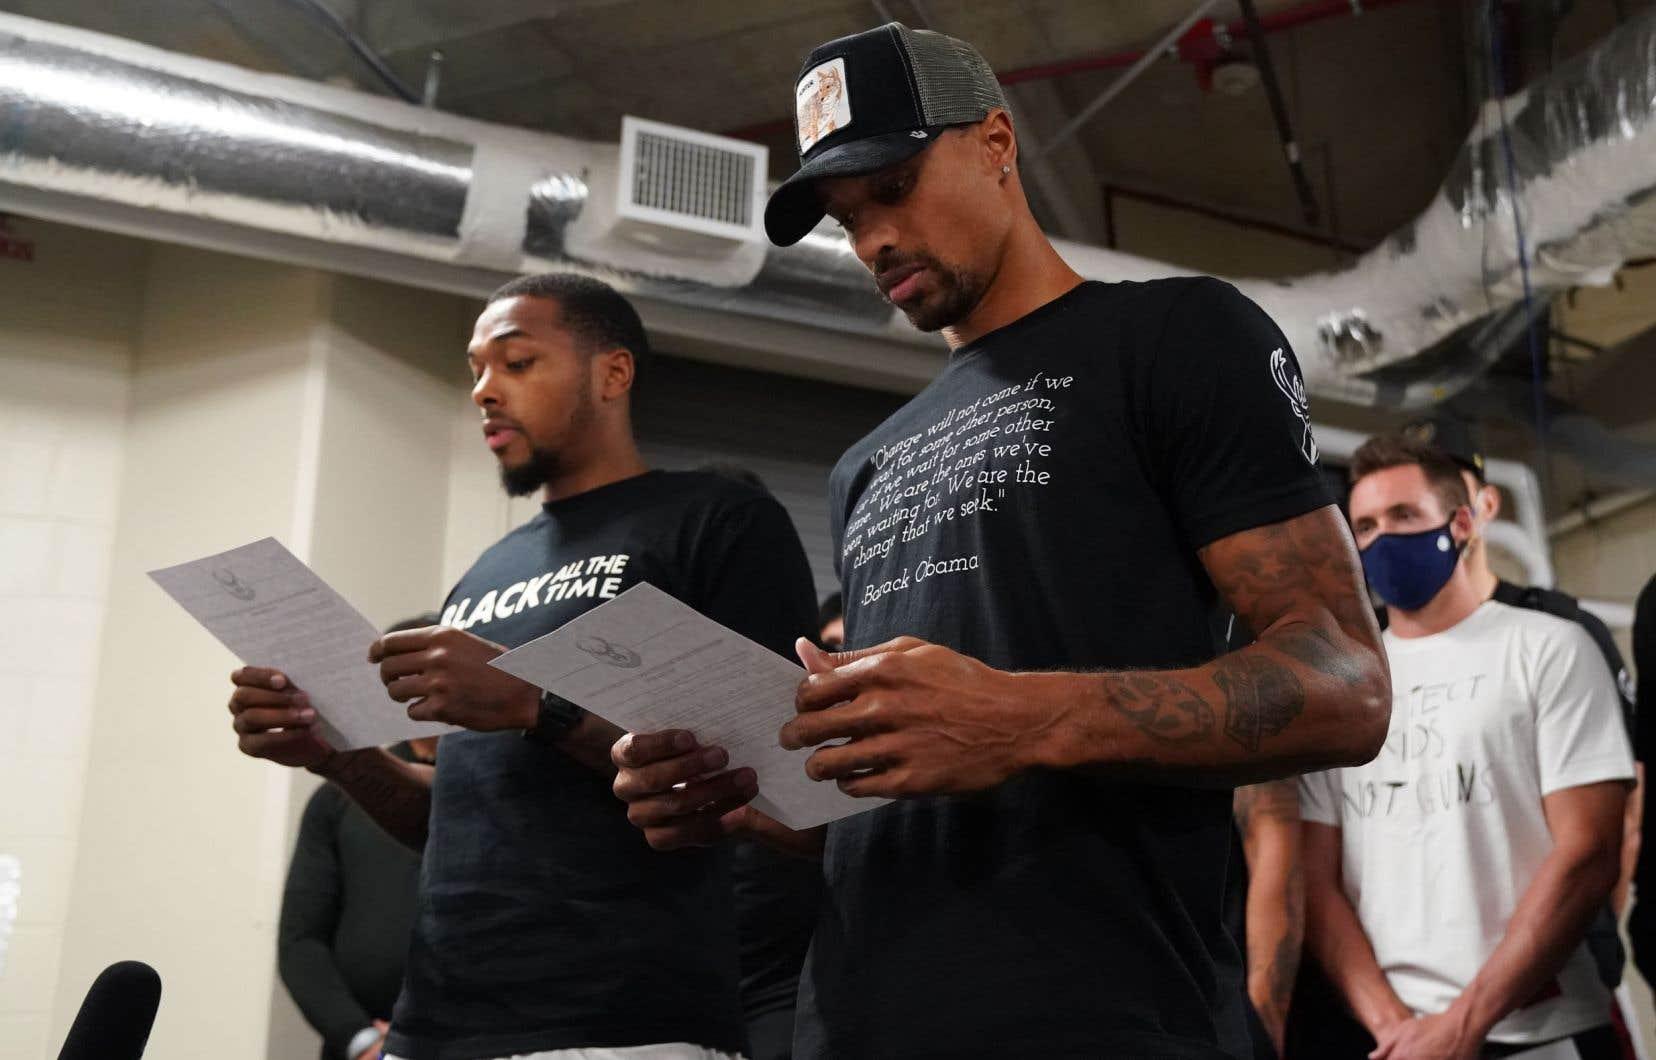 Au nom de leur équipe, les Bucks de Milwaukee, Sterling Brown et George Hill ont demandé justice pour Jacob Blake, abattu par un policier.